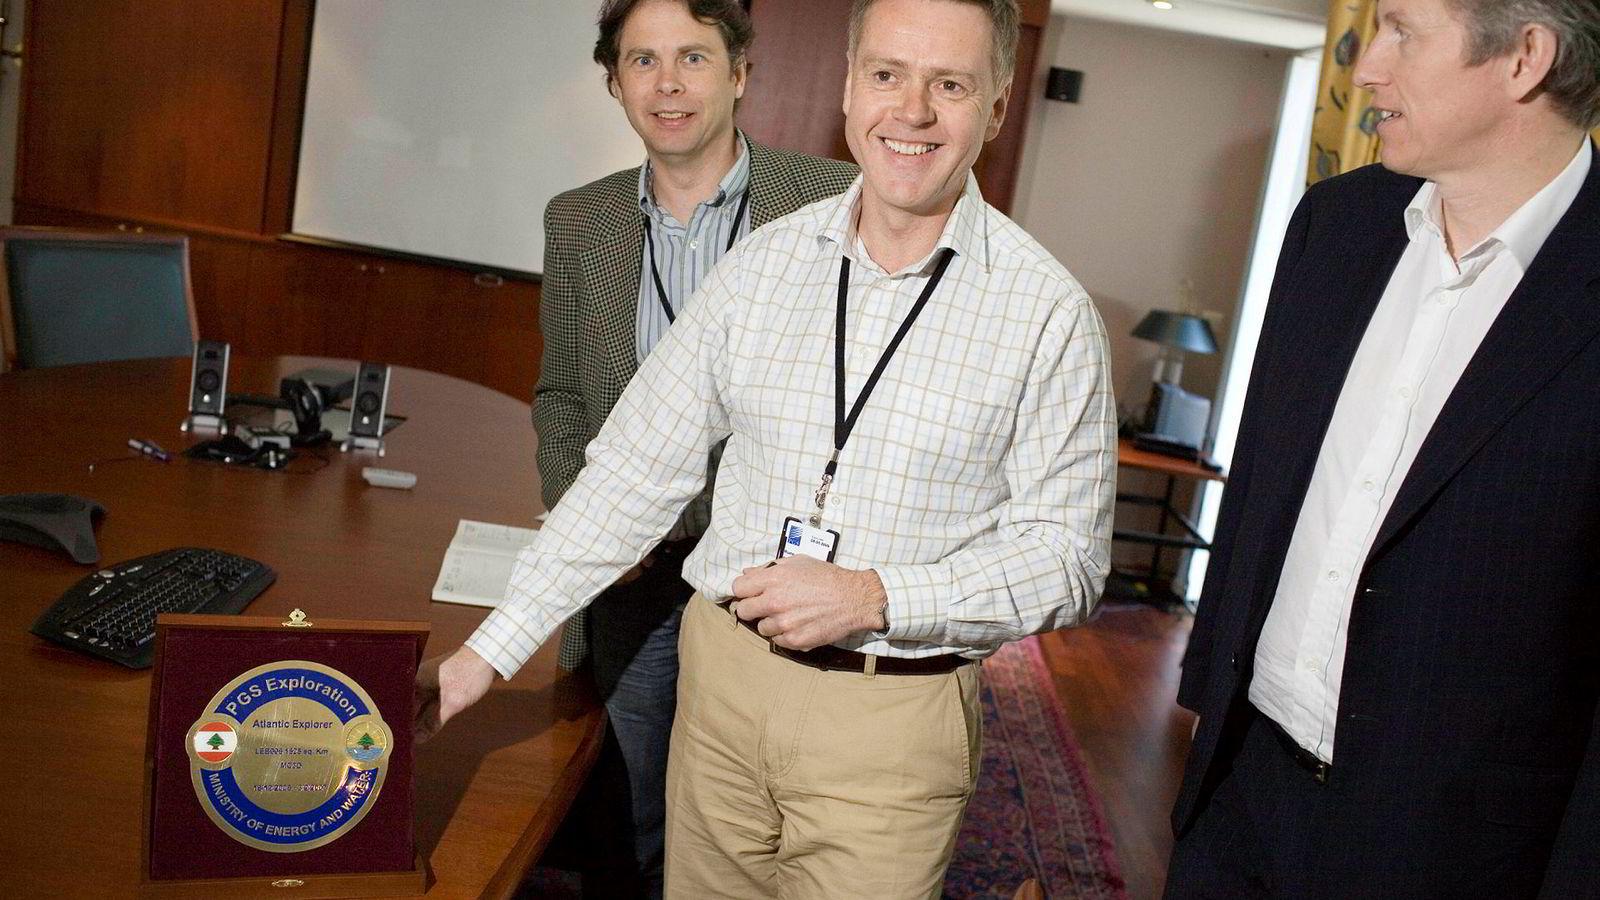 Konsernsjef Rune Eng i Spectrum (hvit skjorte) tjener godt på at selskapet blir kjøpt opp av TGS. Til høyre er Ola Bøsterud som var kommunikasjonsdirektør da både han og Eng jobbet i PGS i 2007.